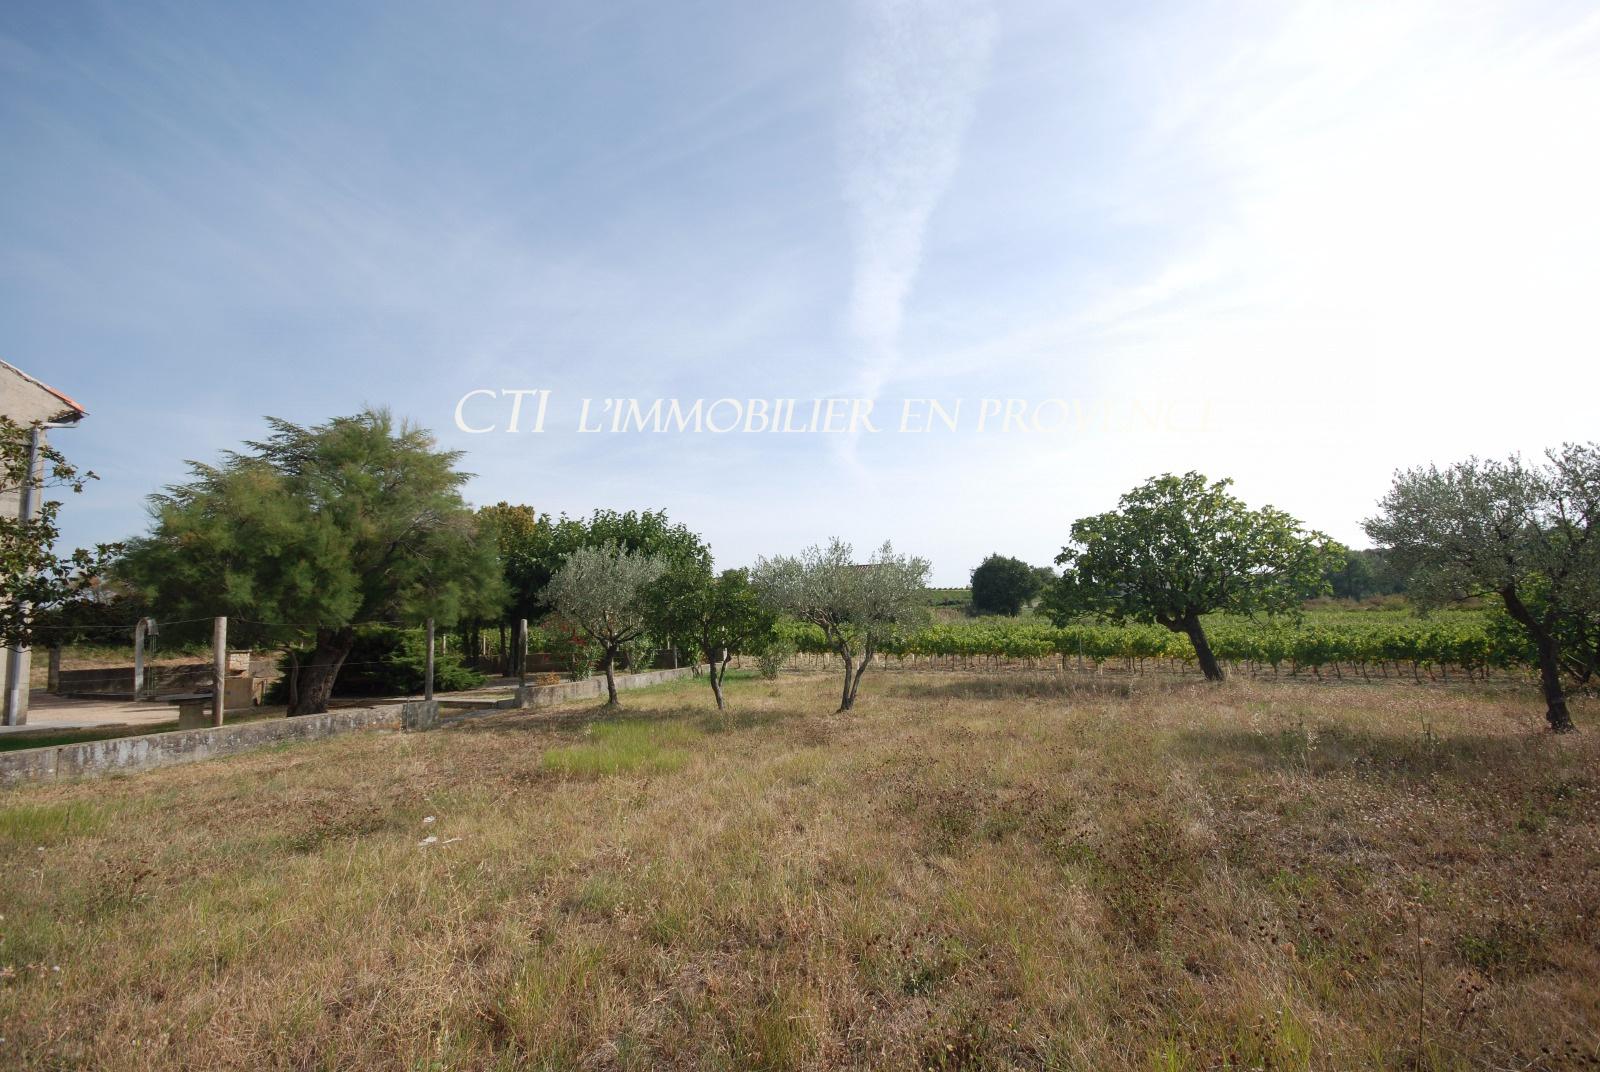 0 www.cti-provence.net, vente maison provençale en Drôme, terrain arboré, proche